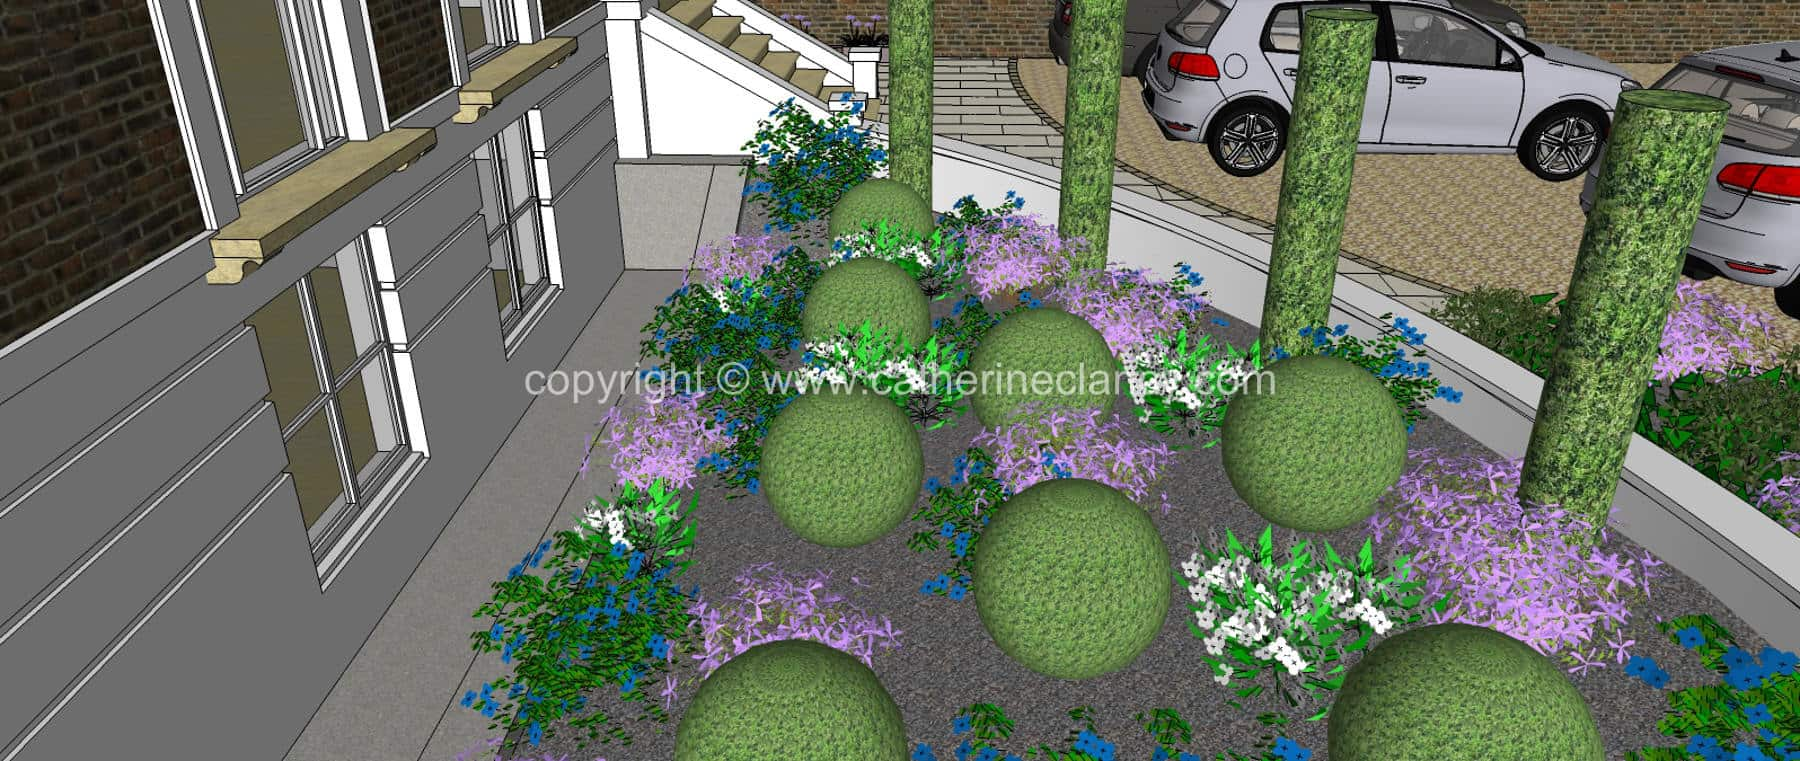 blackheath-front-garden-6